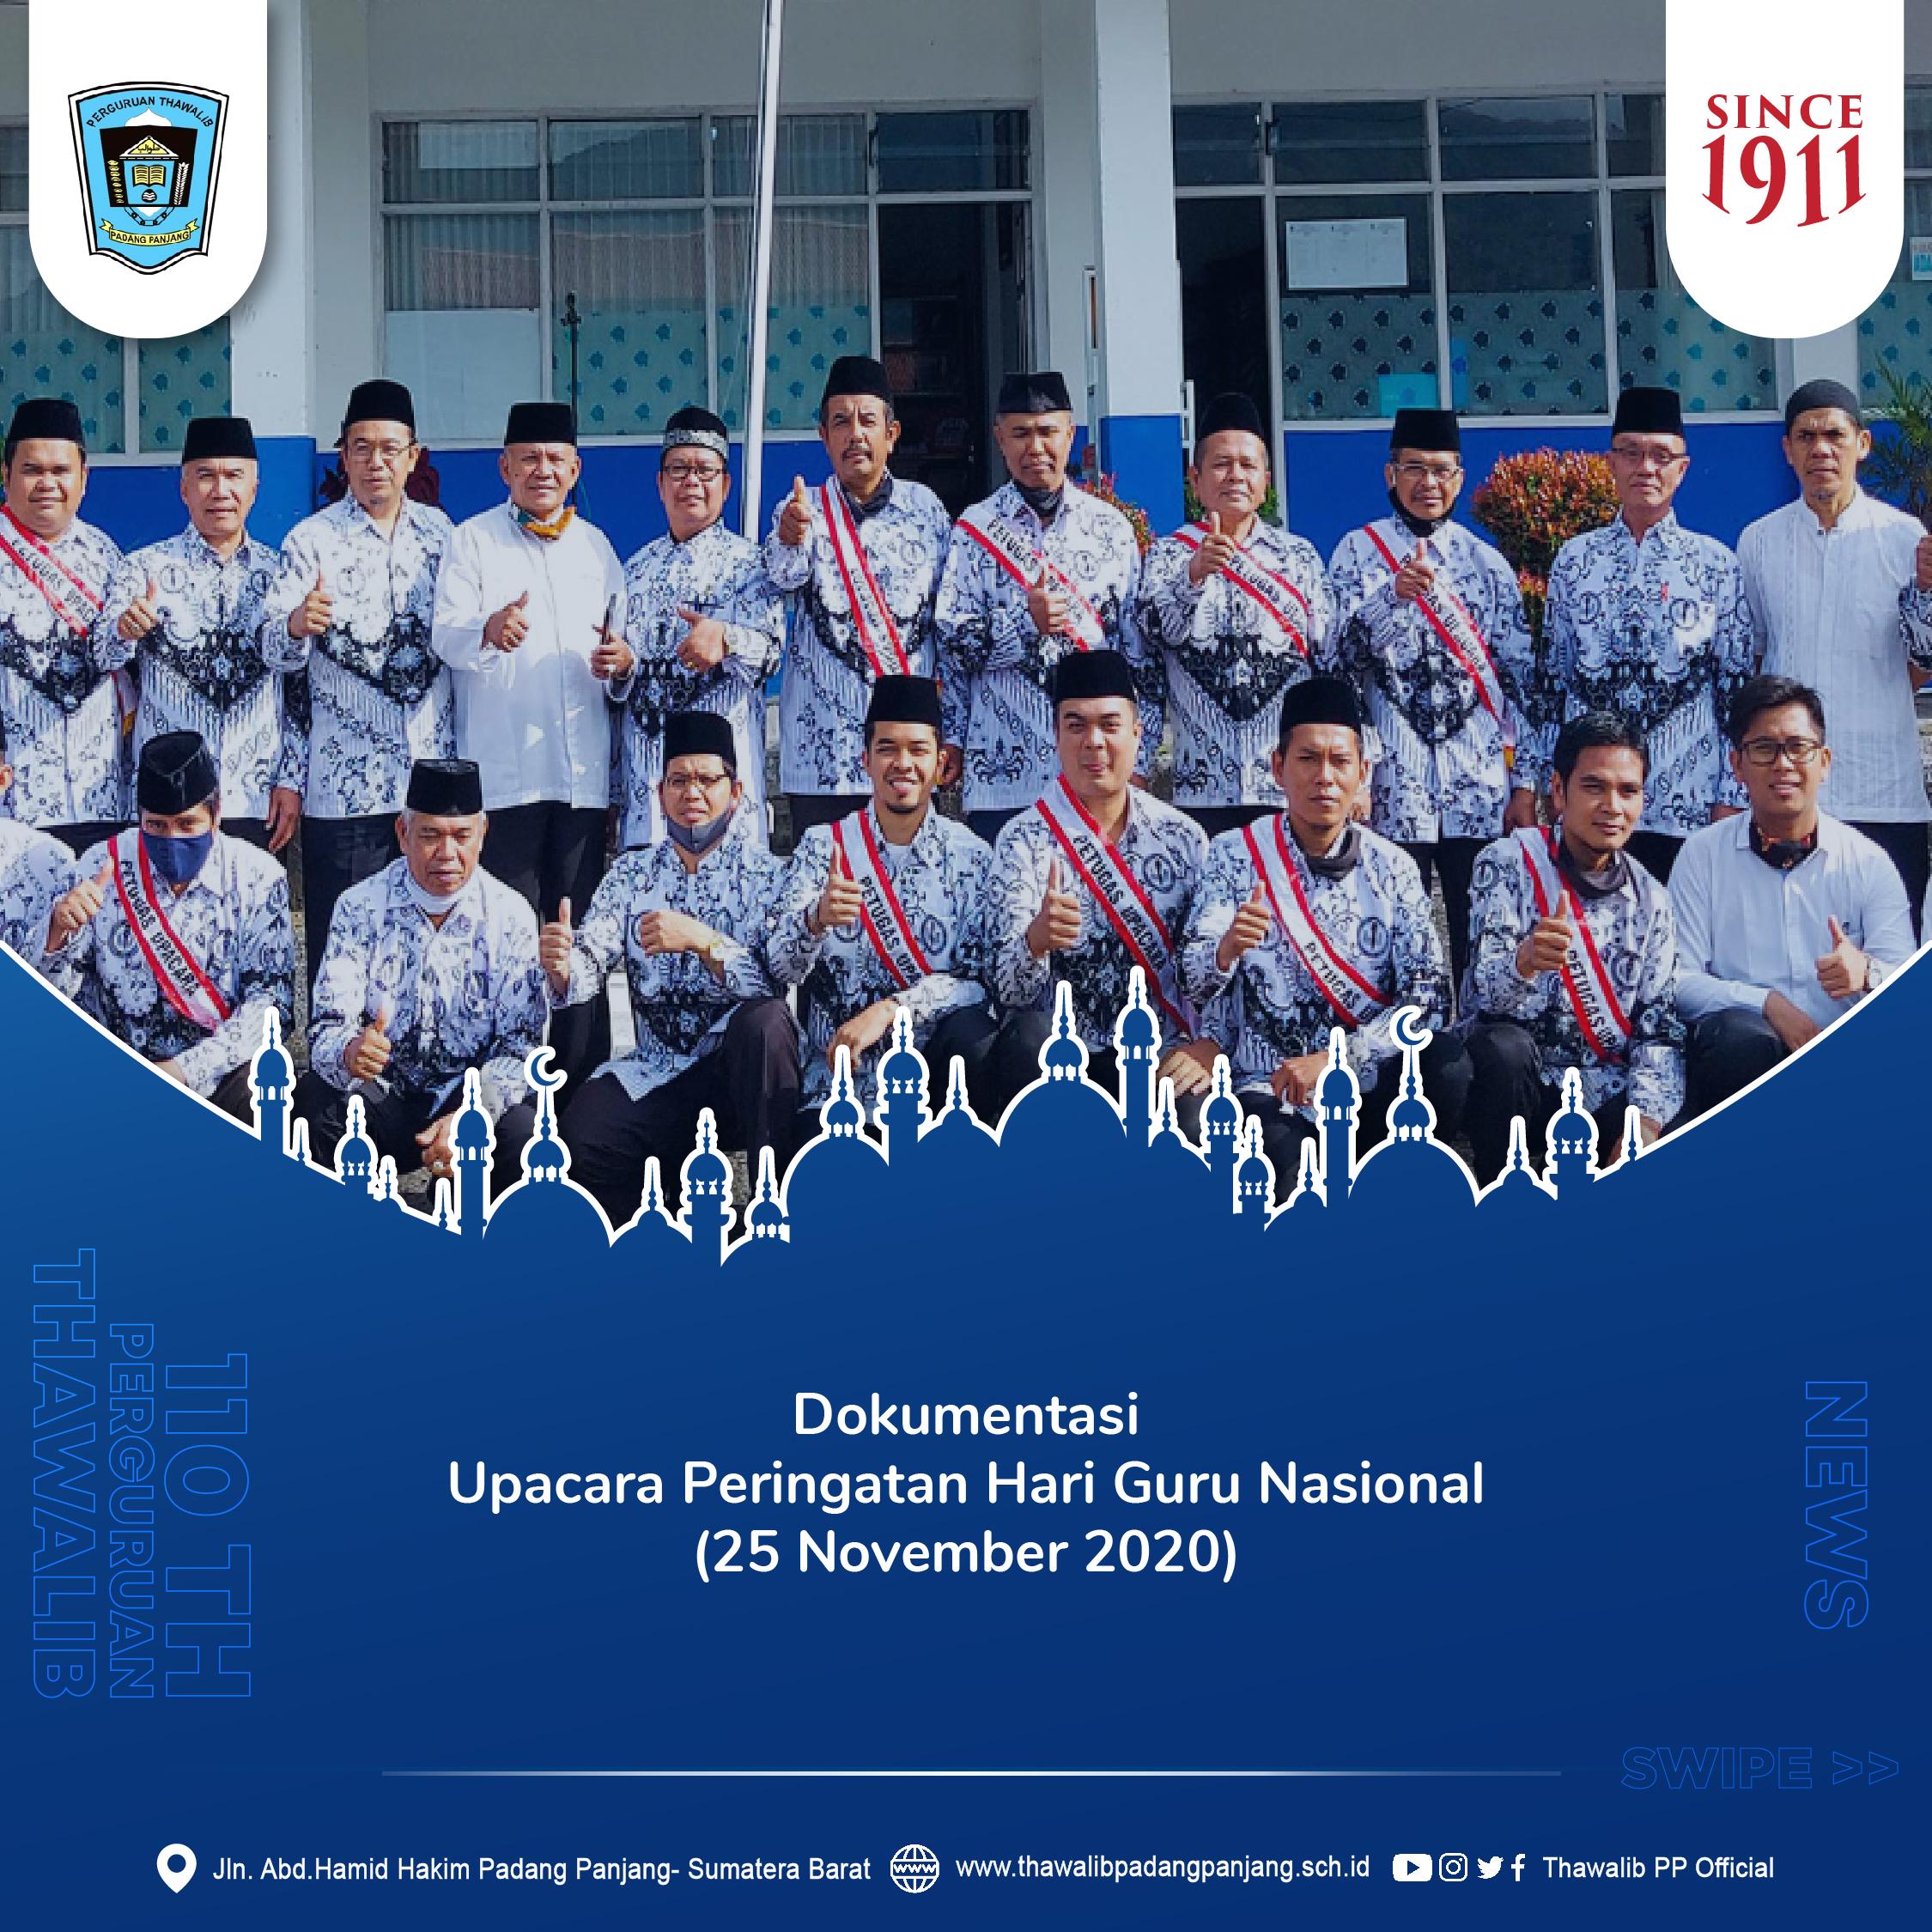 Dokumentasi Upacara Peringatan Hari Guru Nasional (25 November 2020)